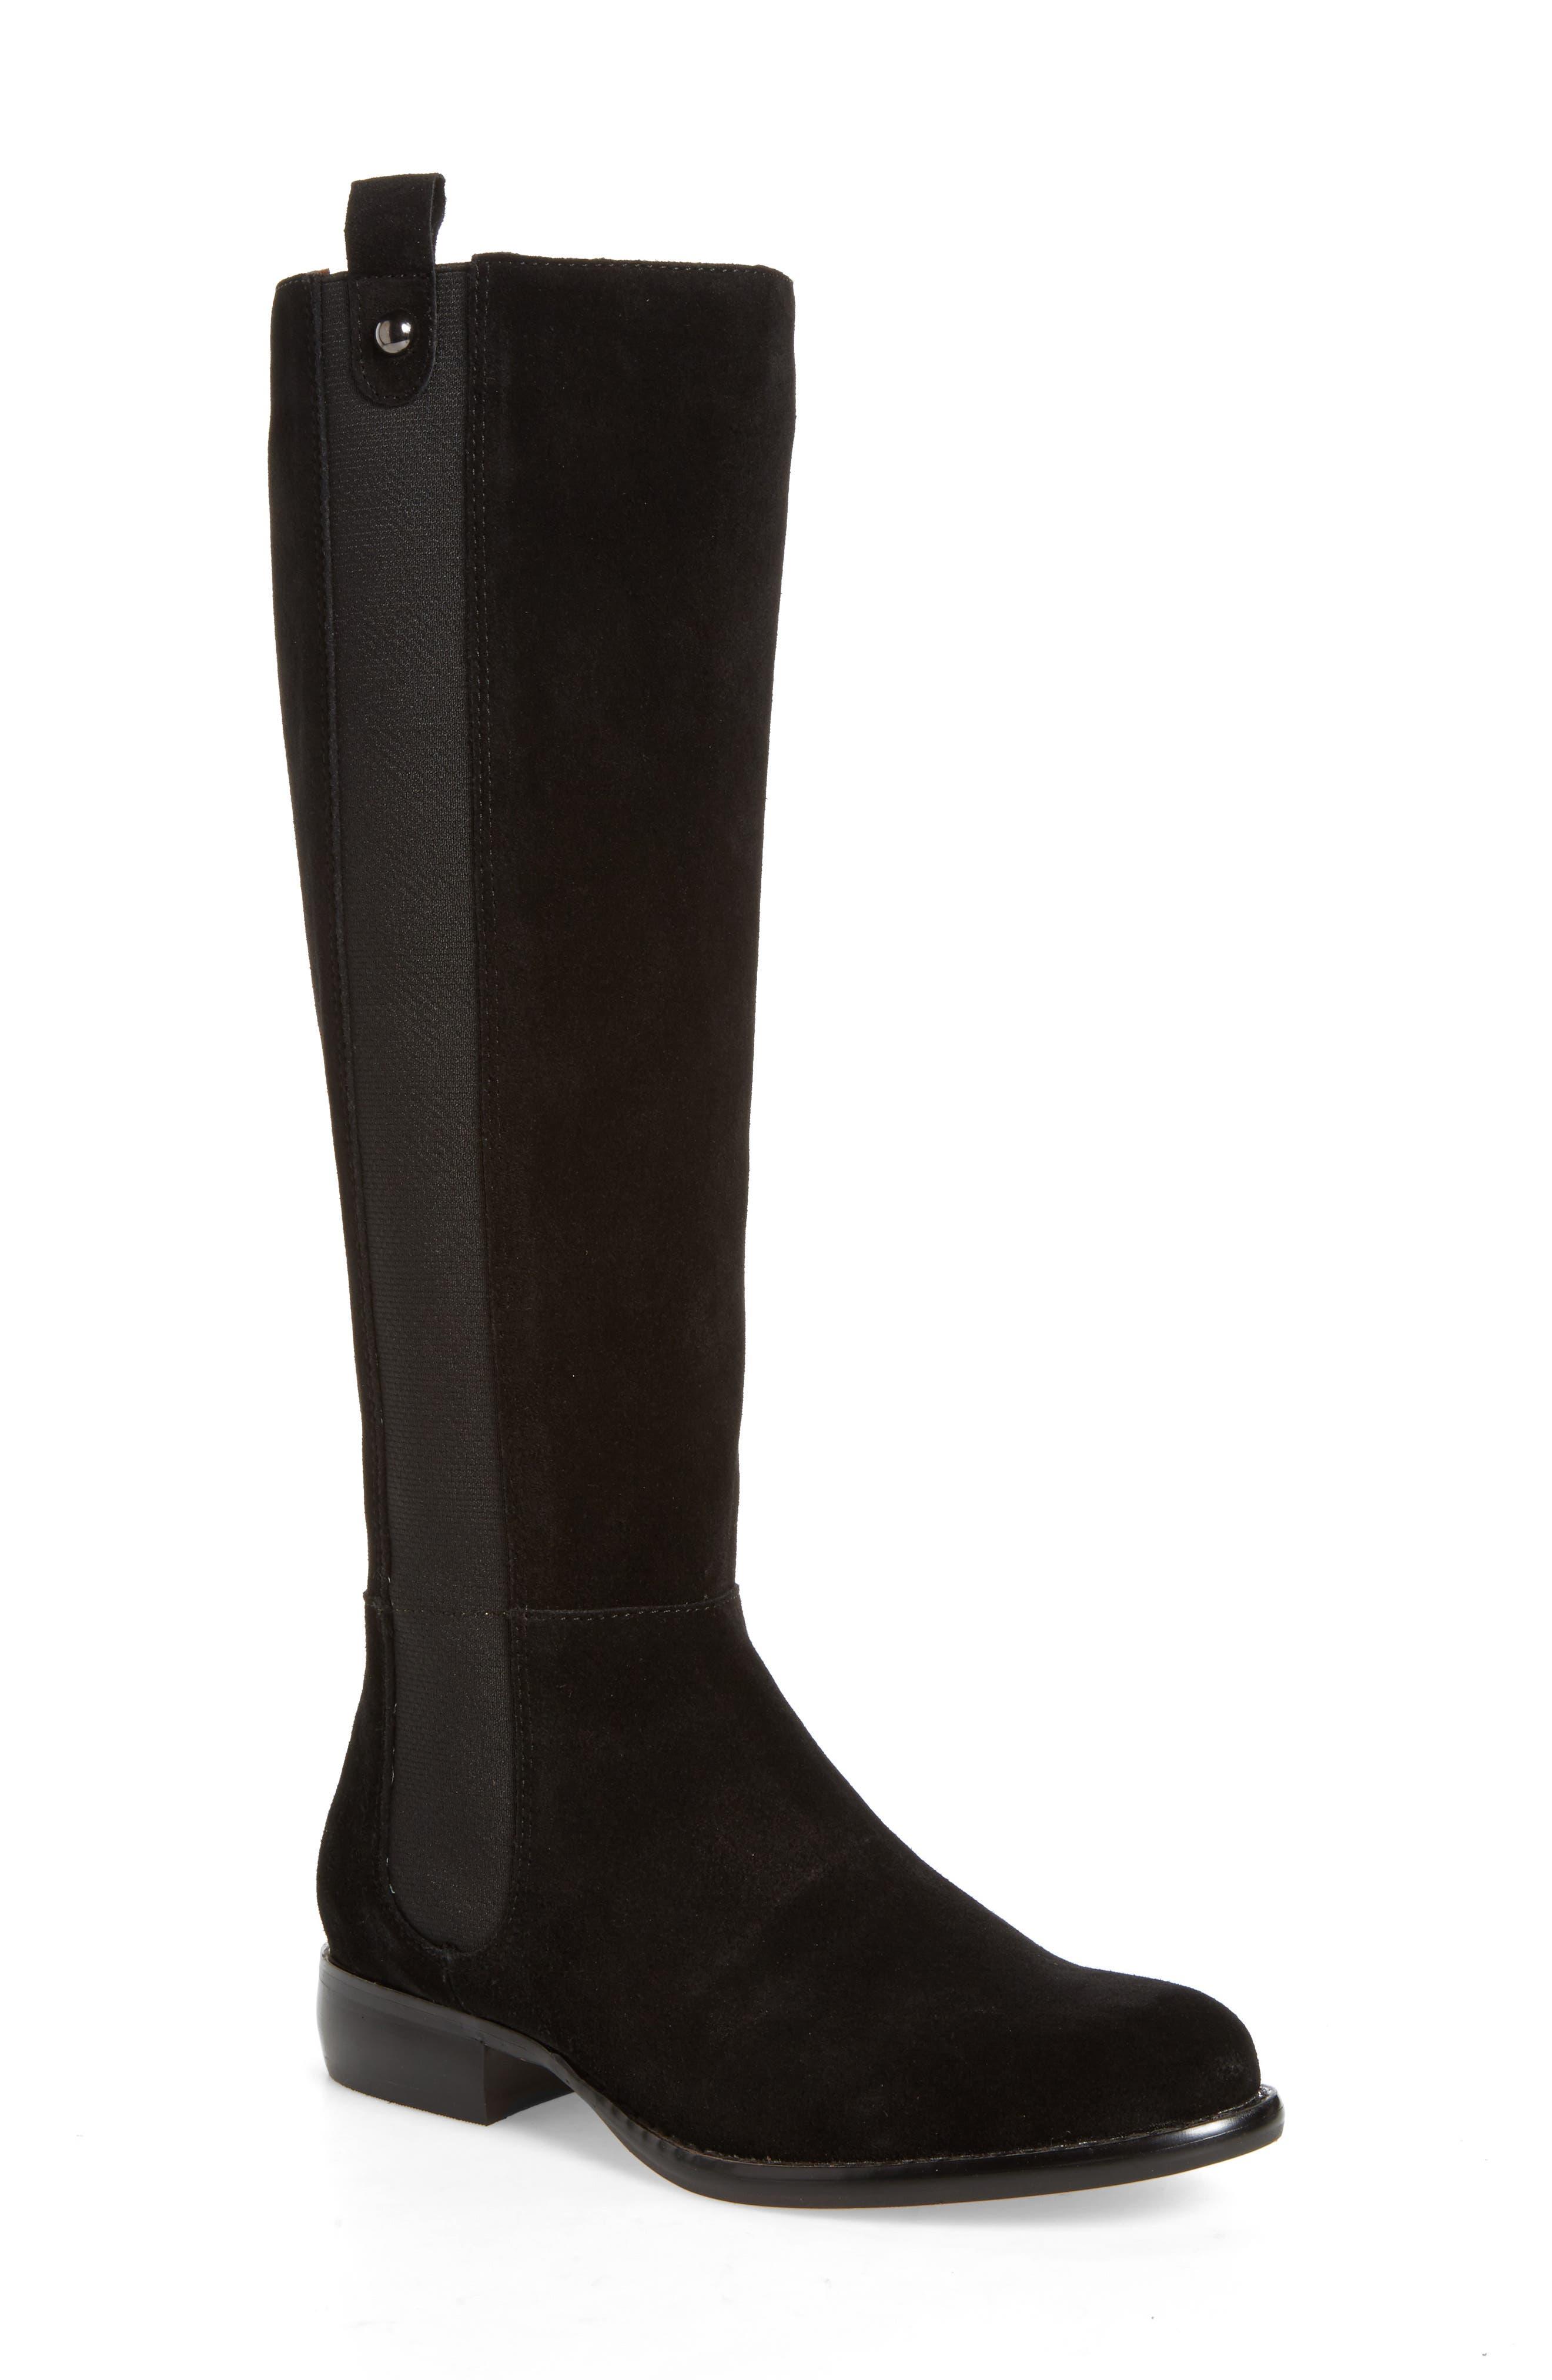 Alternate Image 1 Selected - CC Corso Como Randa Tall Boot (Women)